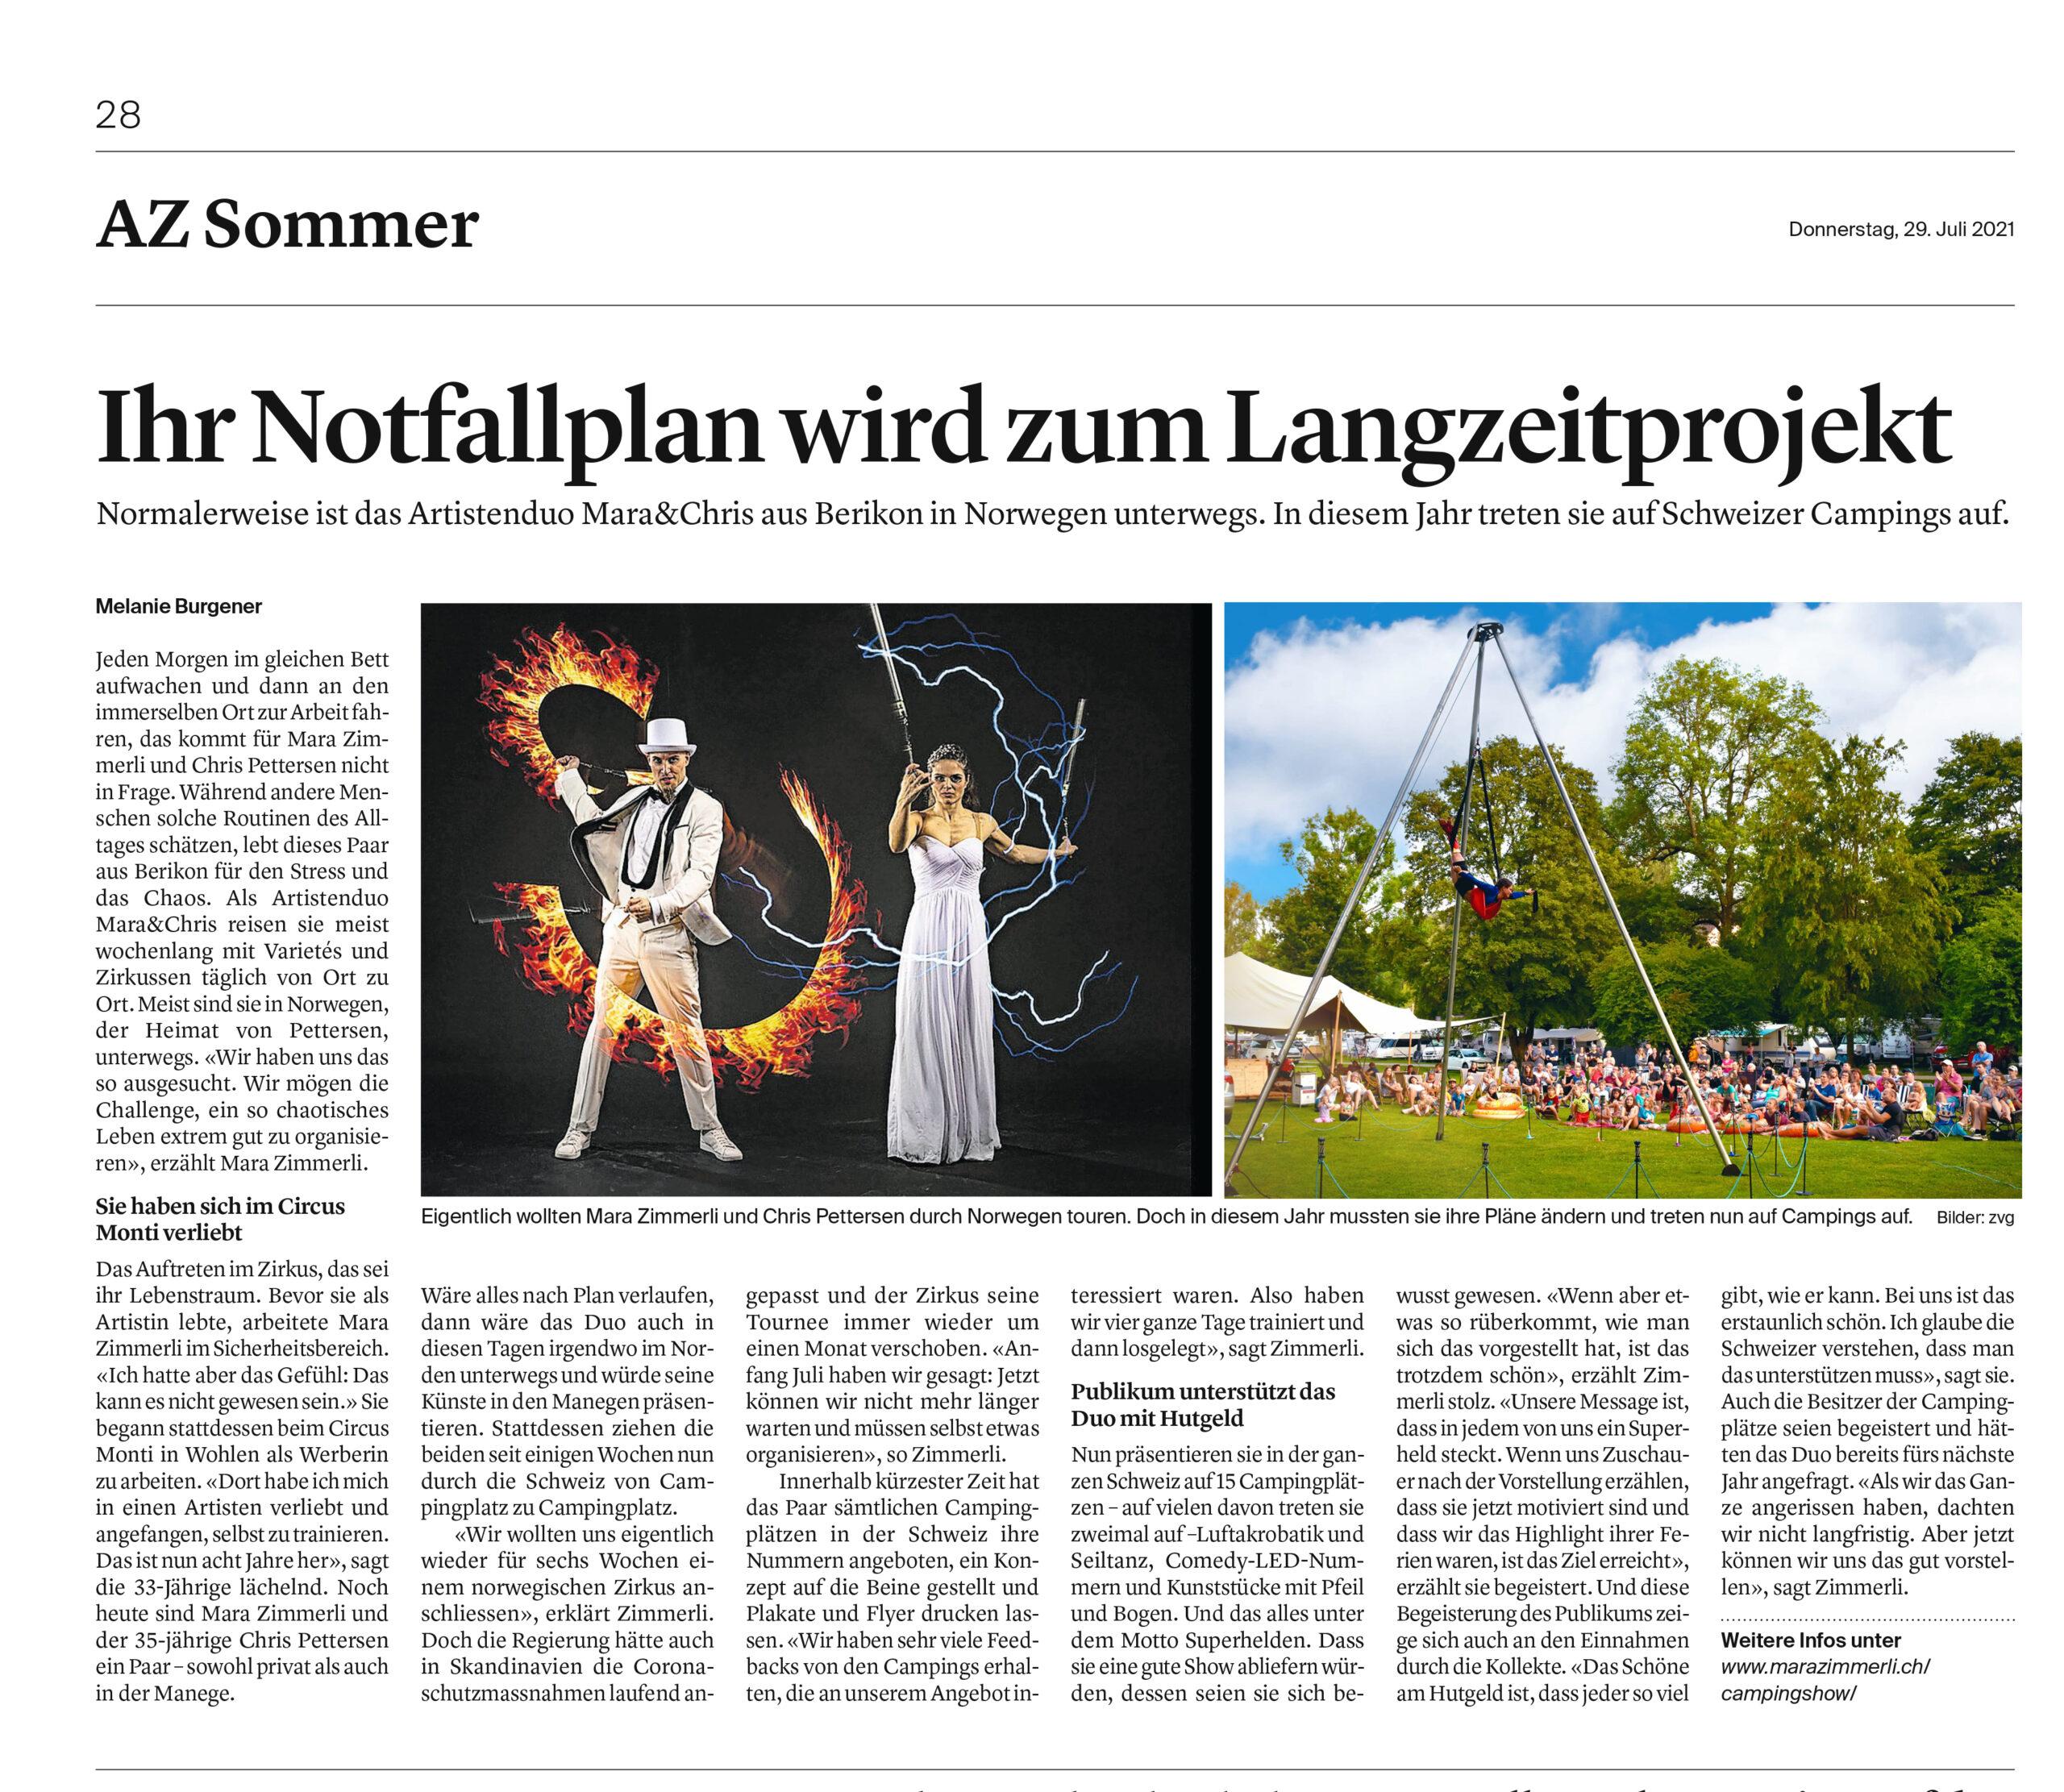 AZ Sommer Schweizer Campings, zeitungs artikel